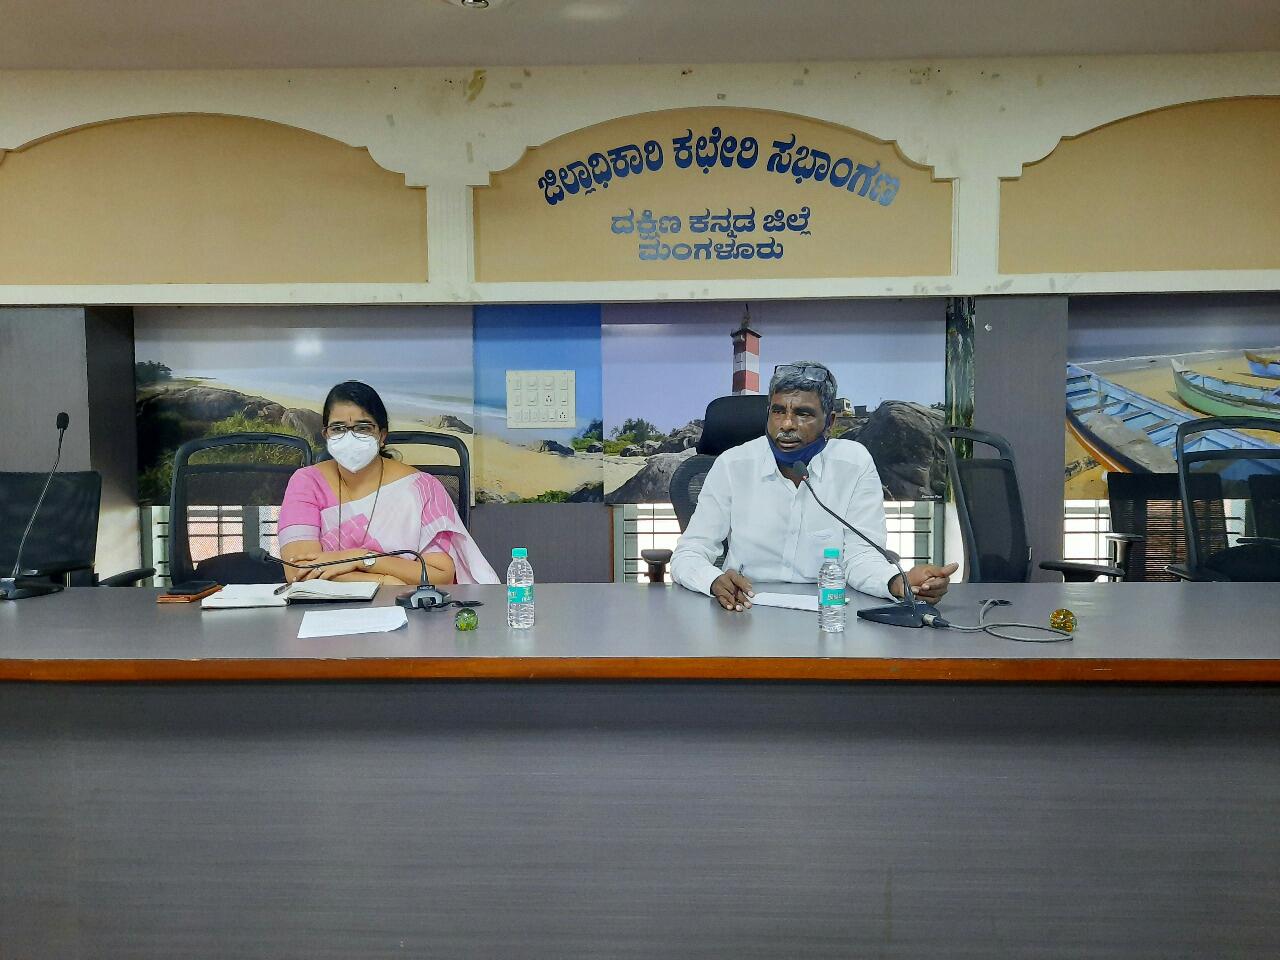 ಮಂಗಳೂರಿನಲ್ಲಿ ಮೀನು ಪ್ರಿಯರಿಗೆ ಶುಭಸುದ್ದಿ: ಸೆ. 1 ರಿಂದ ಆರಂಭವಾಗಲಿದೆ ಮೀನುಗಾರಿಕೆ